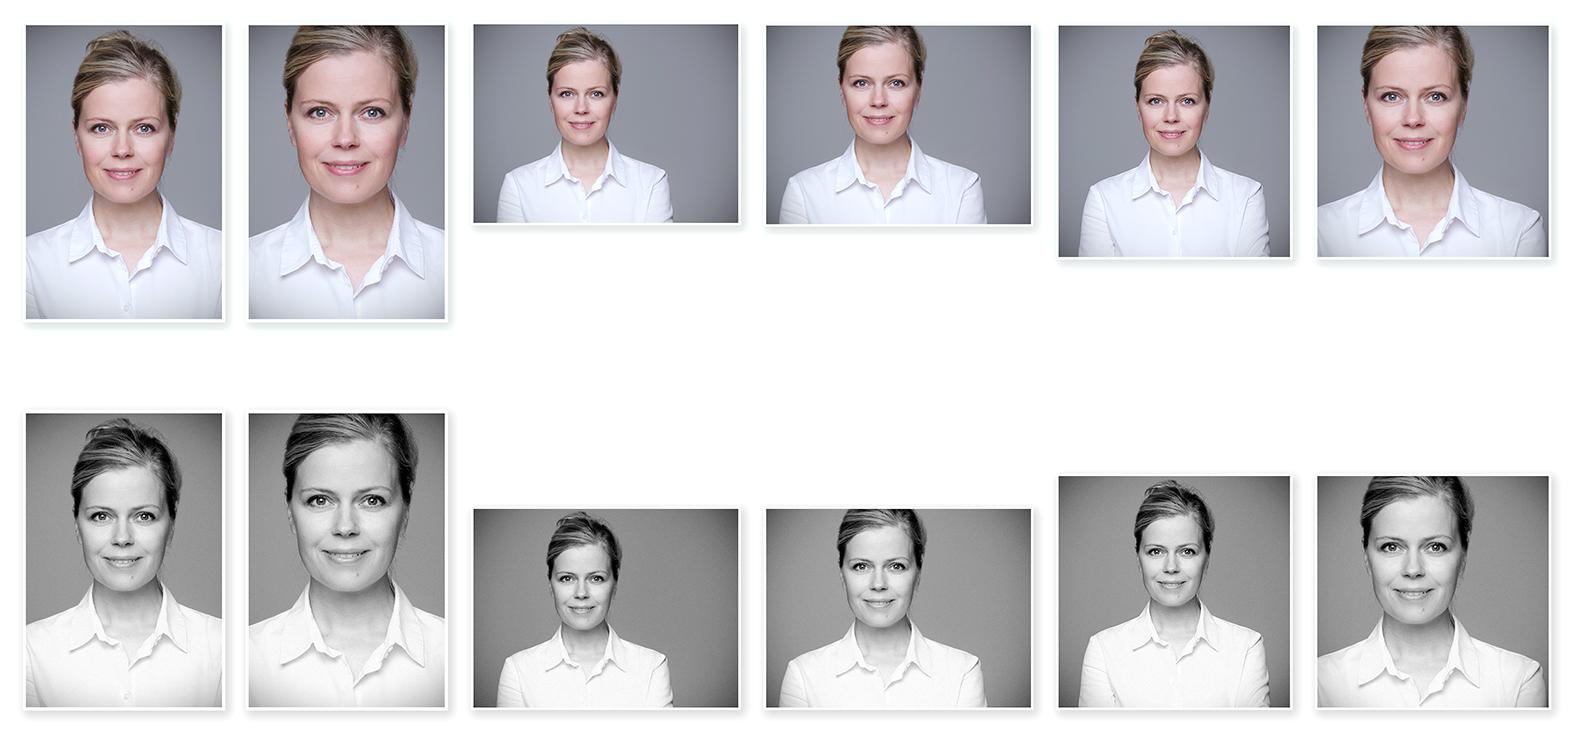 Bewerbungsfotos mehrere Ausschnitte in Farbe und schwarz-weiß Profilbild